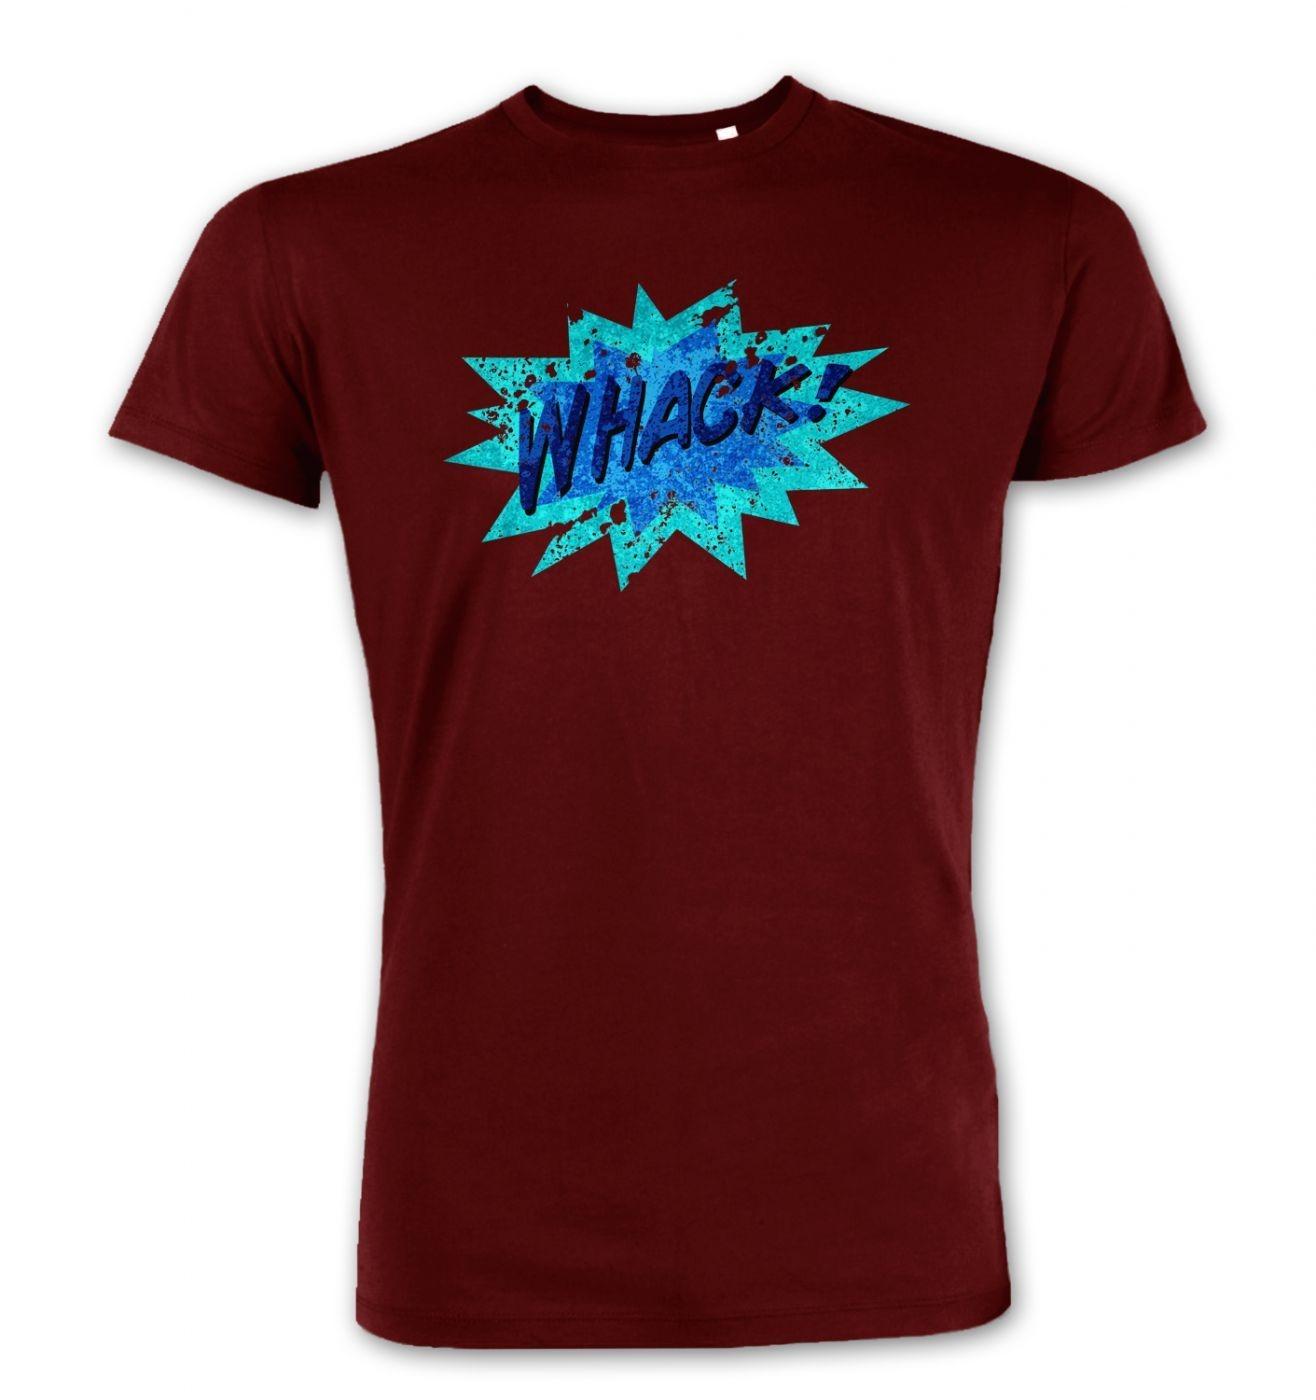 Whack men's Premium t-shirt